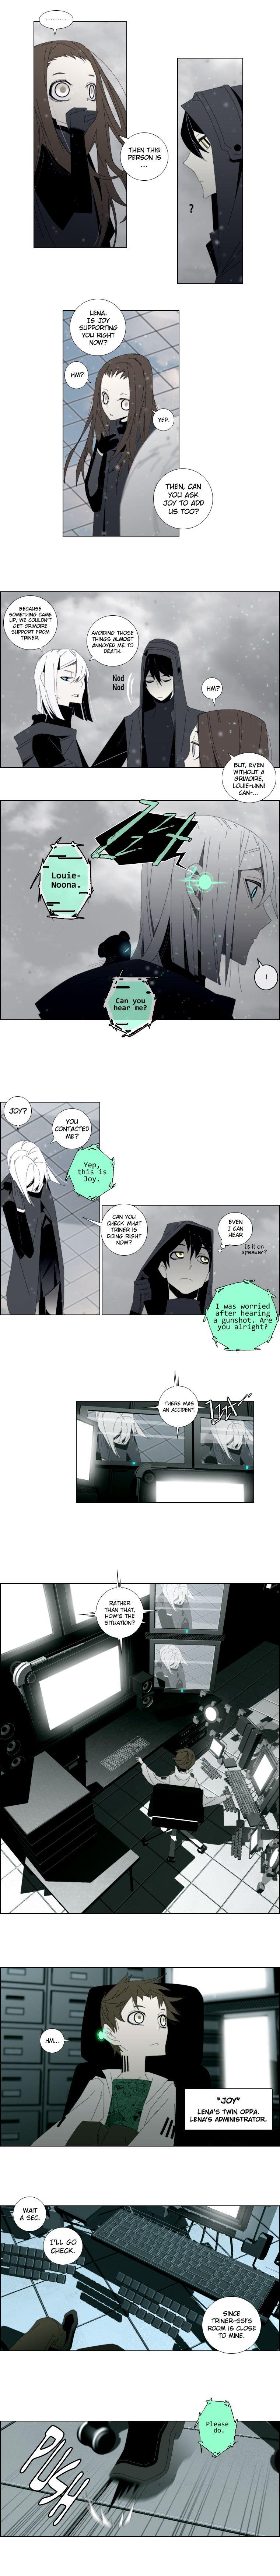 Automata 28 Page 3